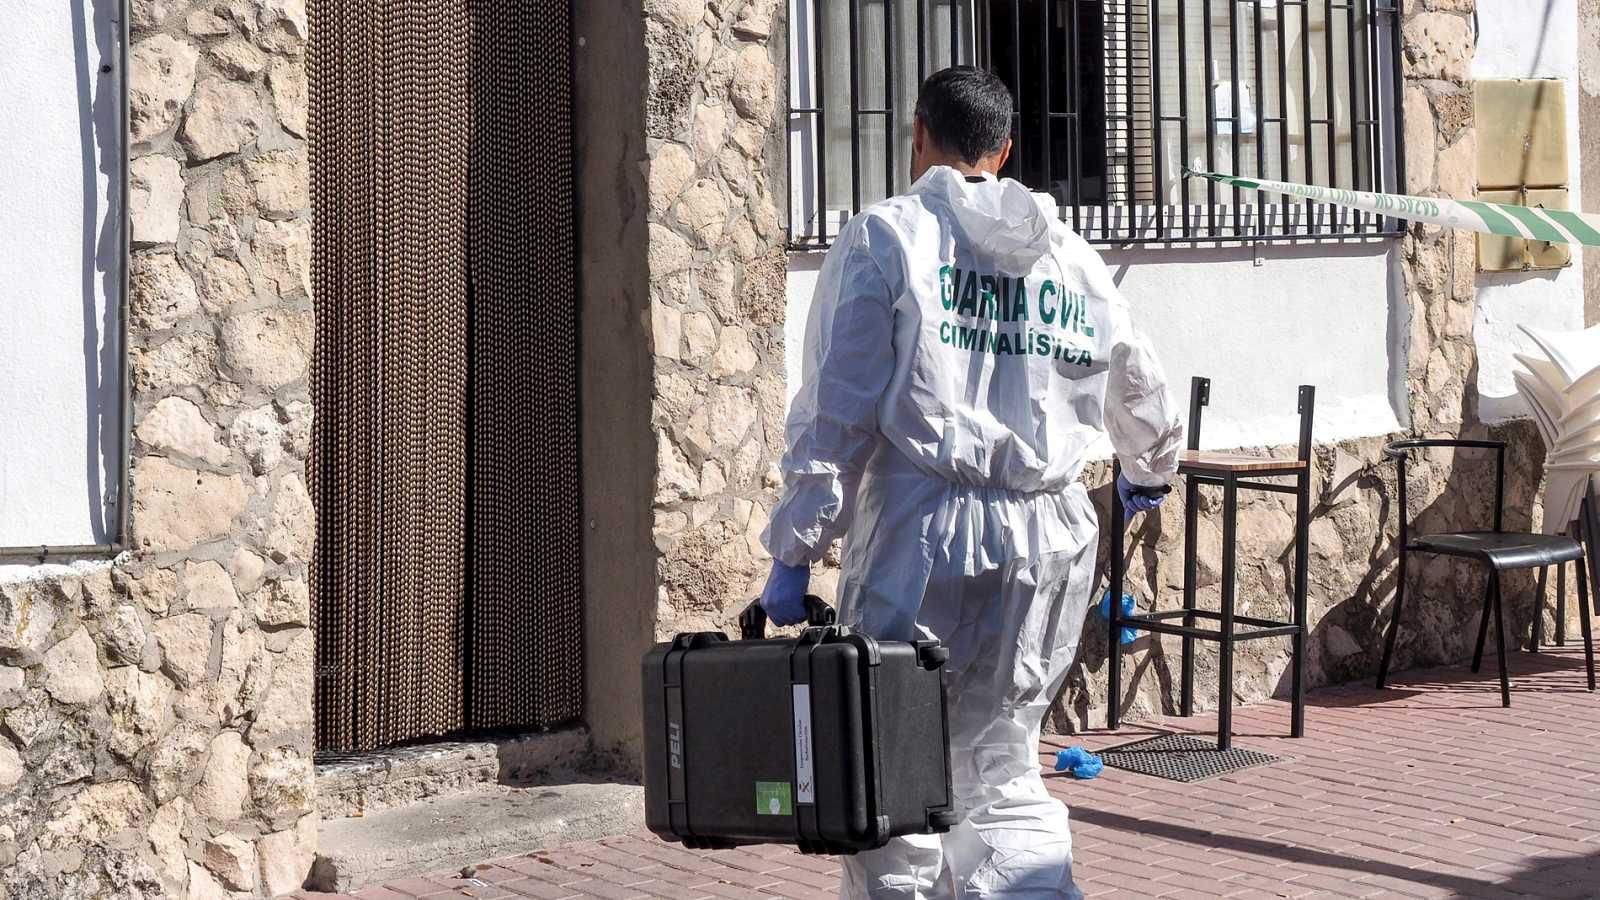 Mata a un hombre y hiere a otros tres en un bar de Castrillo-Tejeriego, Valladolid